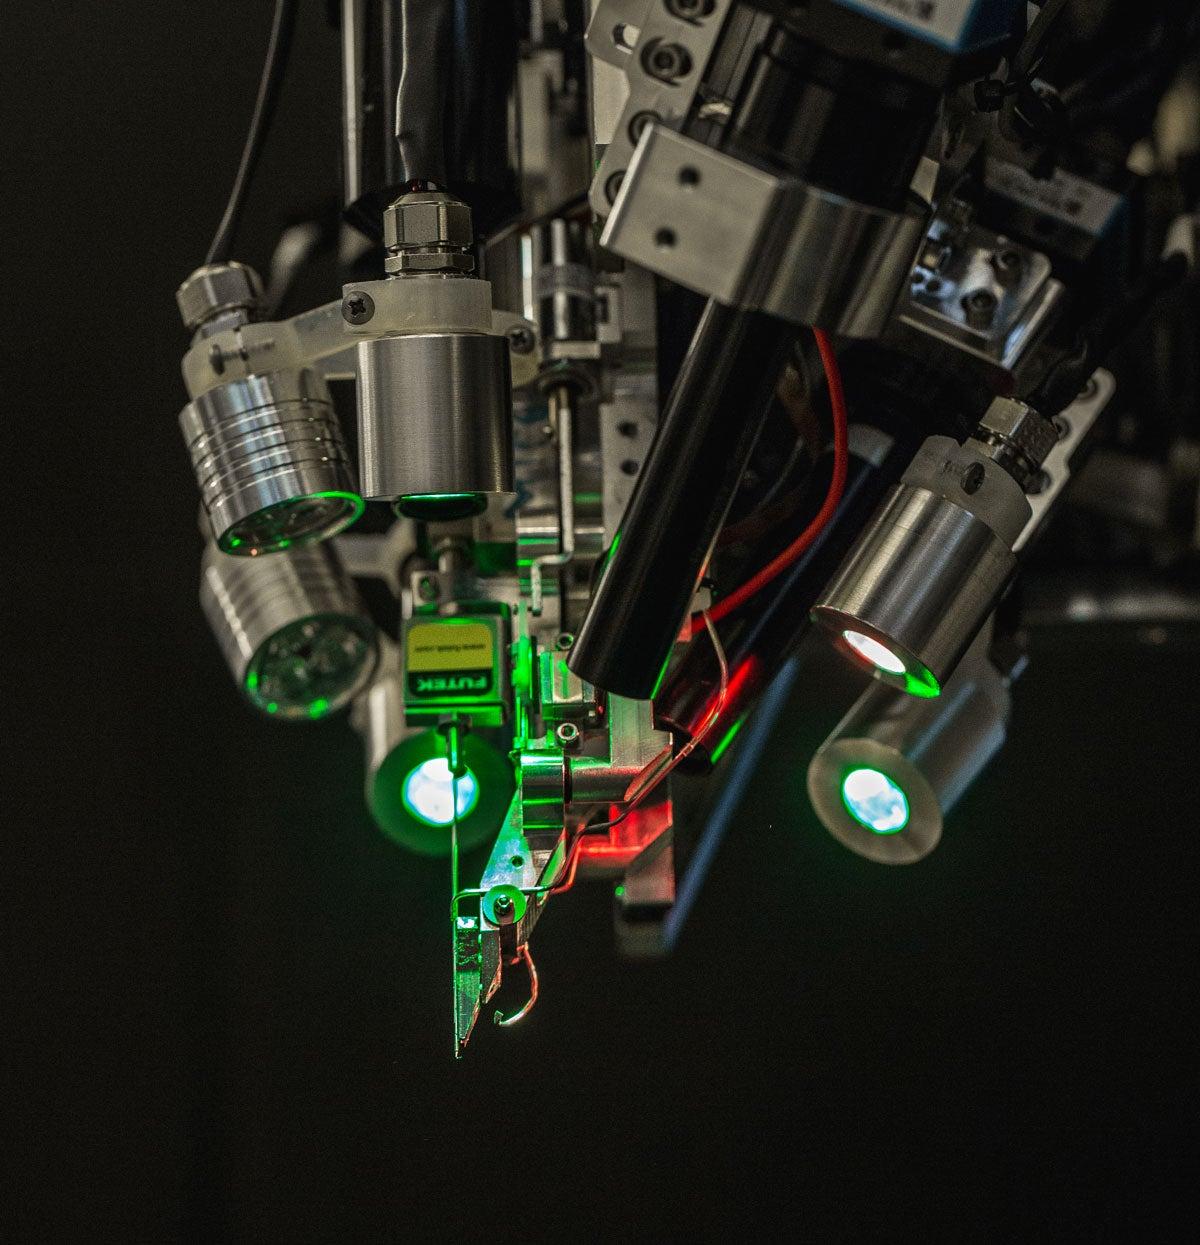 Робот компании Neuralink, на которого возложена ответственность за вживление чипов. Neuralink построила его совместно с компанией Woke, которая занимается промышленным дизайном